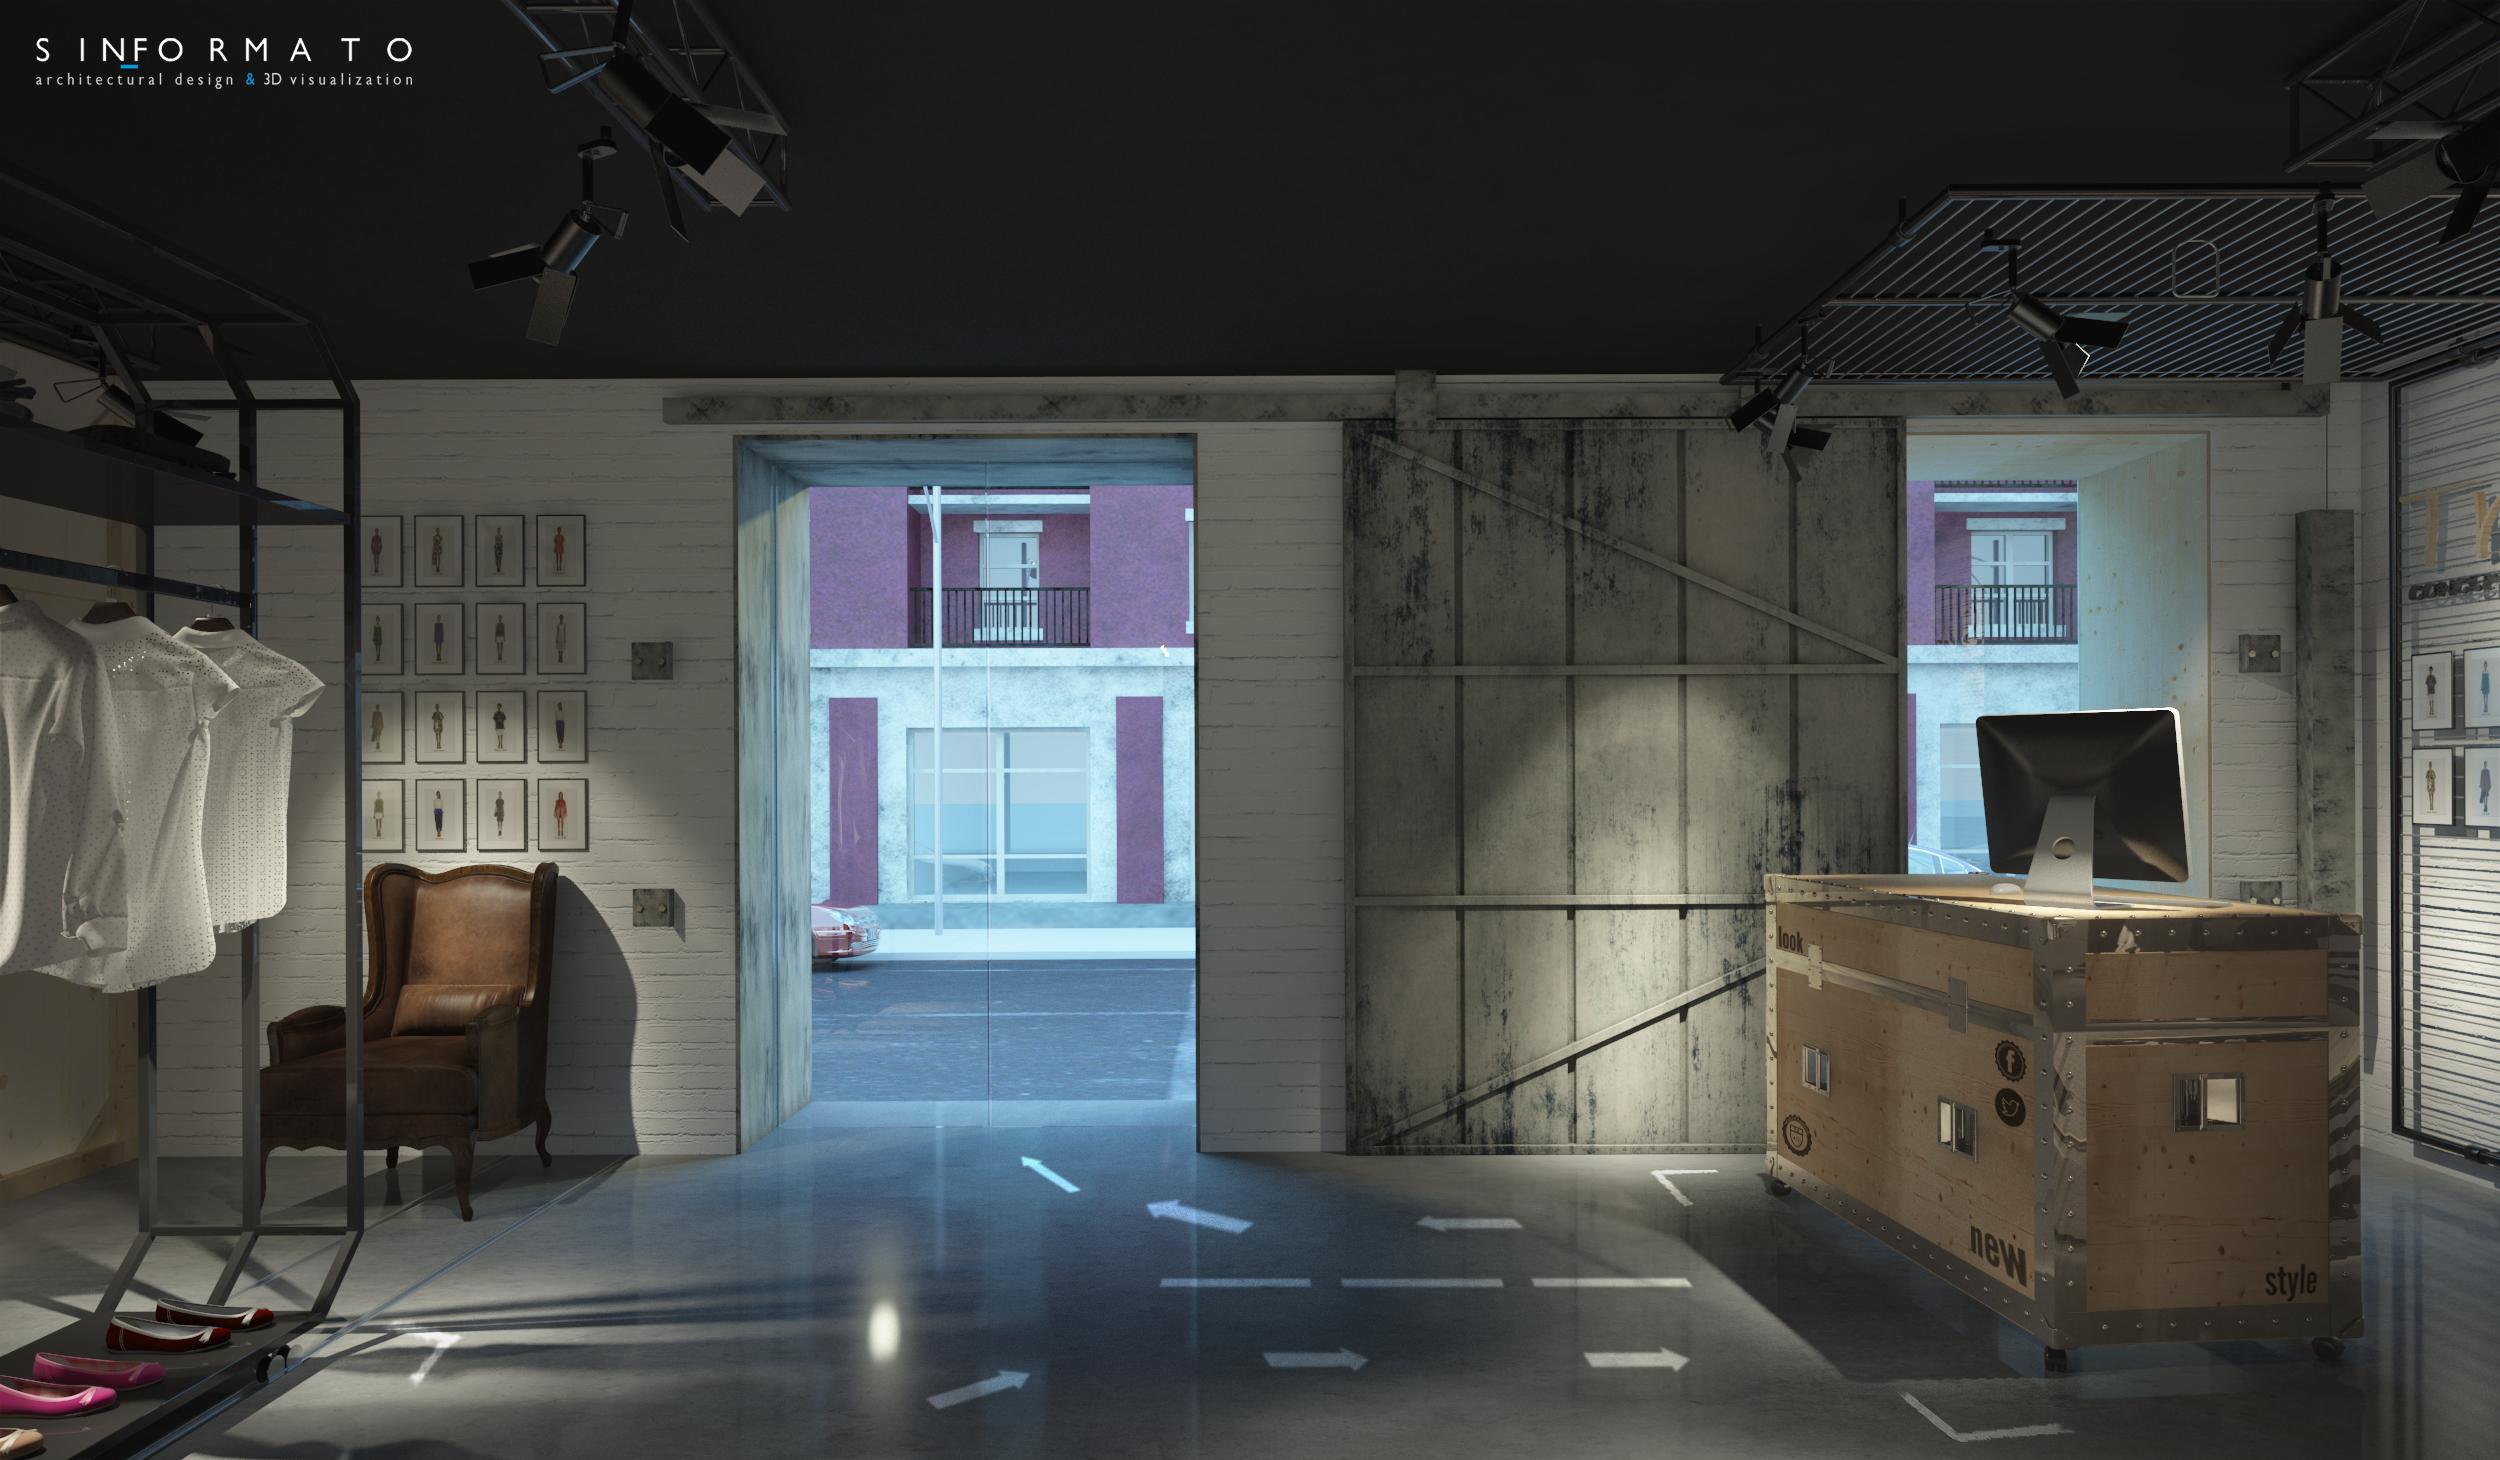 Dise o e interiorismo new concept store trasluz sin for Diseno e interiorismo